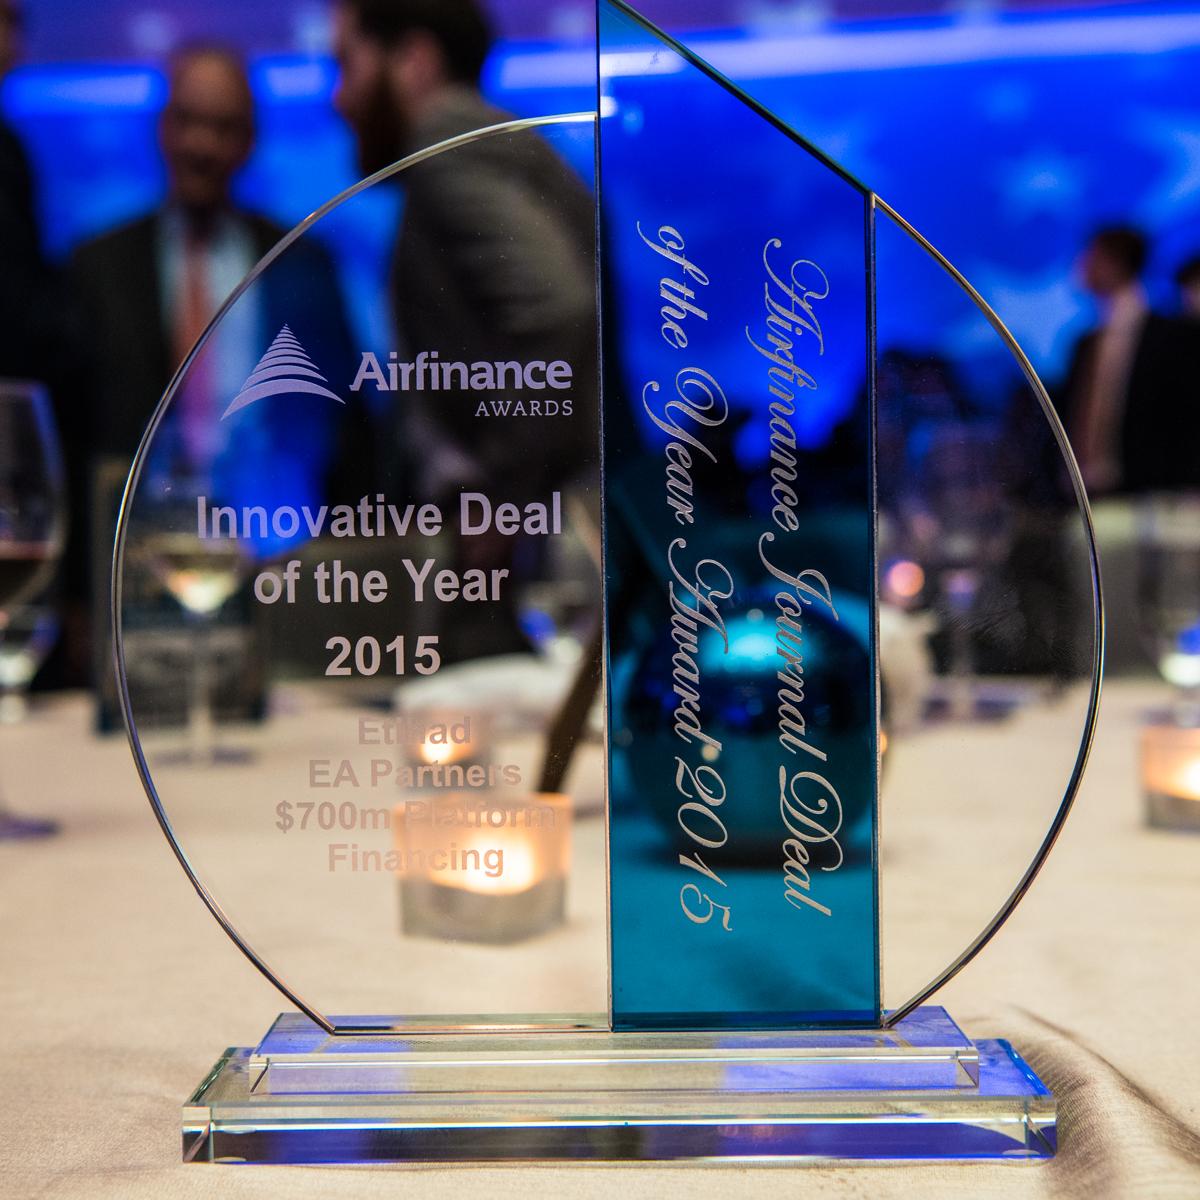 Το βραβείο «Καινοτόμα Συμφωνία της Χρονιάς» της Airfrance Journal που απονεμήθηκε στην οικονομική ομάδα της Etihad Airways στο Μαϊάμι.